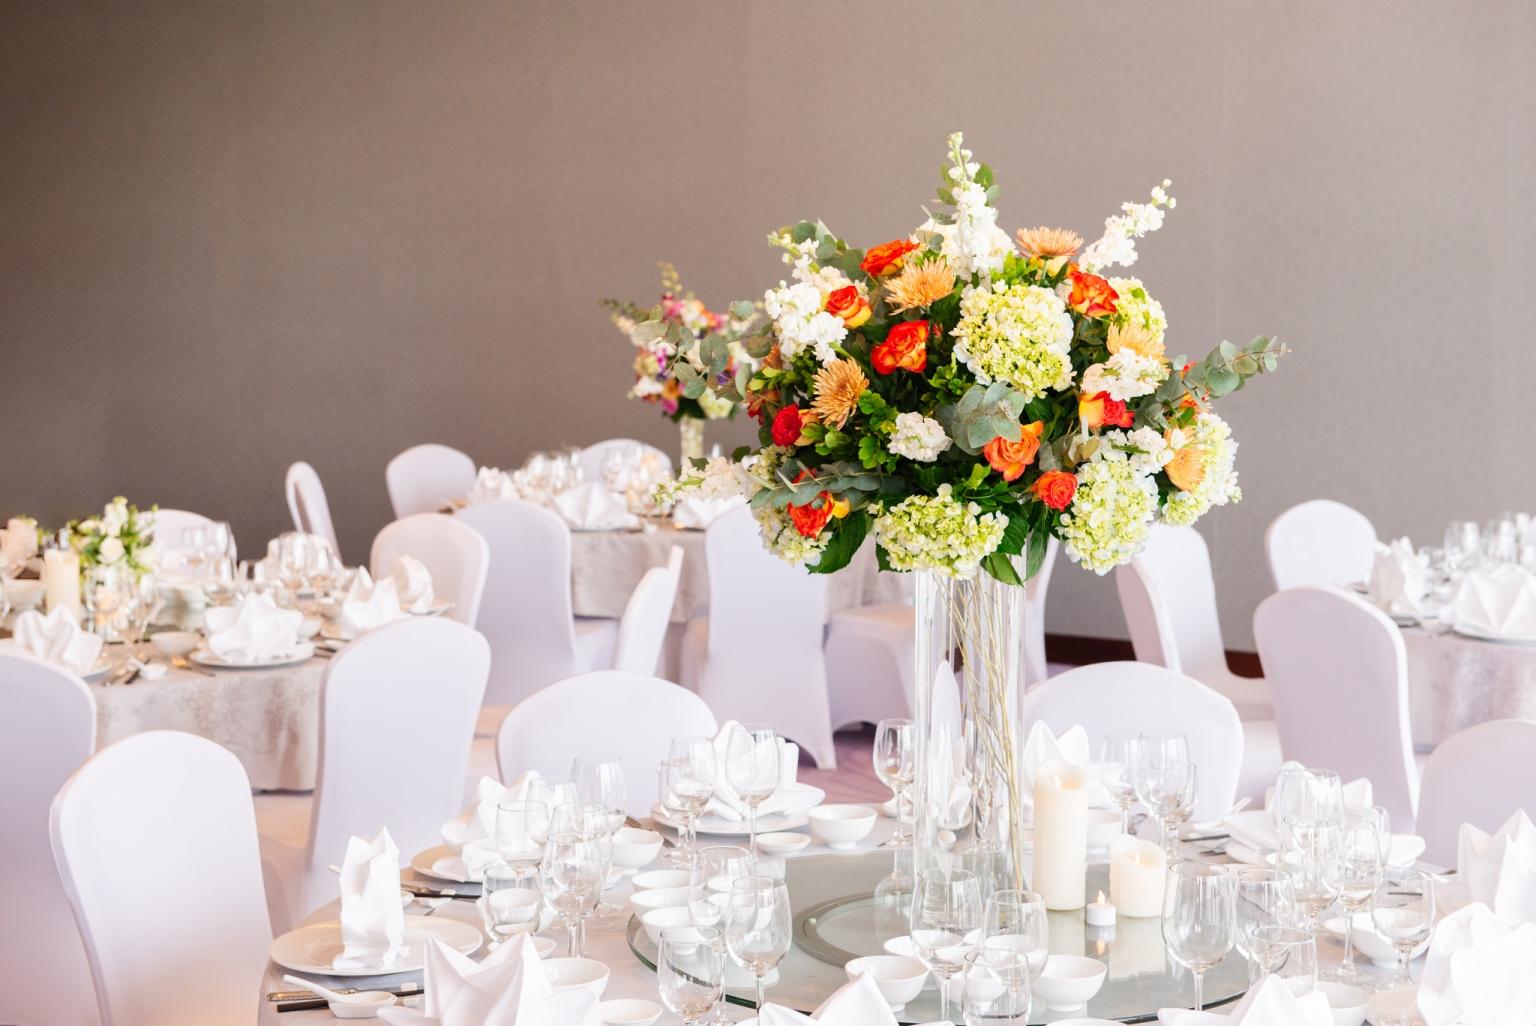 Hanoi hotel wedding table arrangment with orange flowers